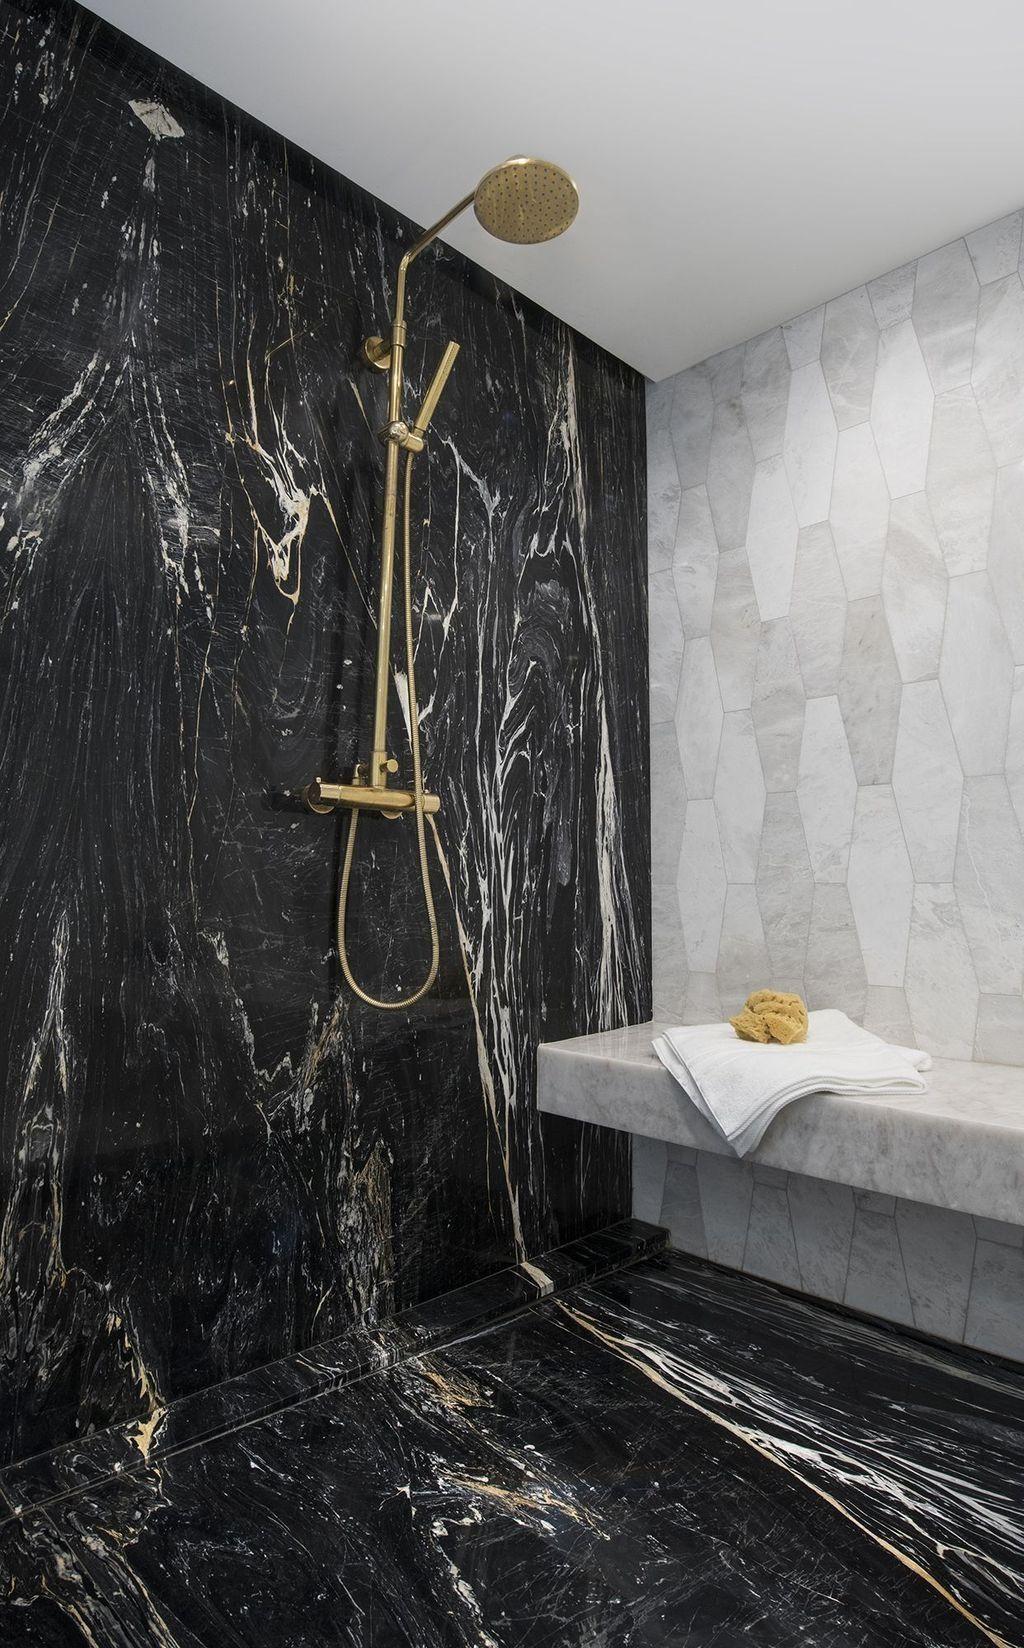 48 Fantastic Bathroom Countertop Ideas Look Elegant Black Marble Bathroom Bathroom Design Black Marble Bathroom Designs